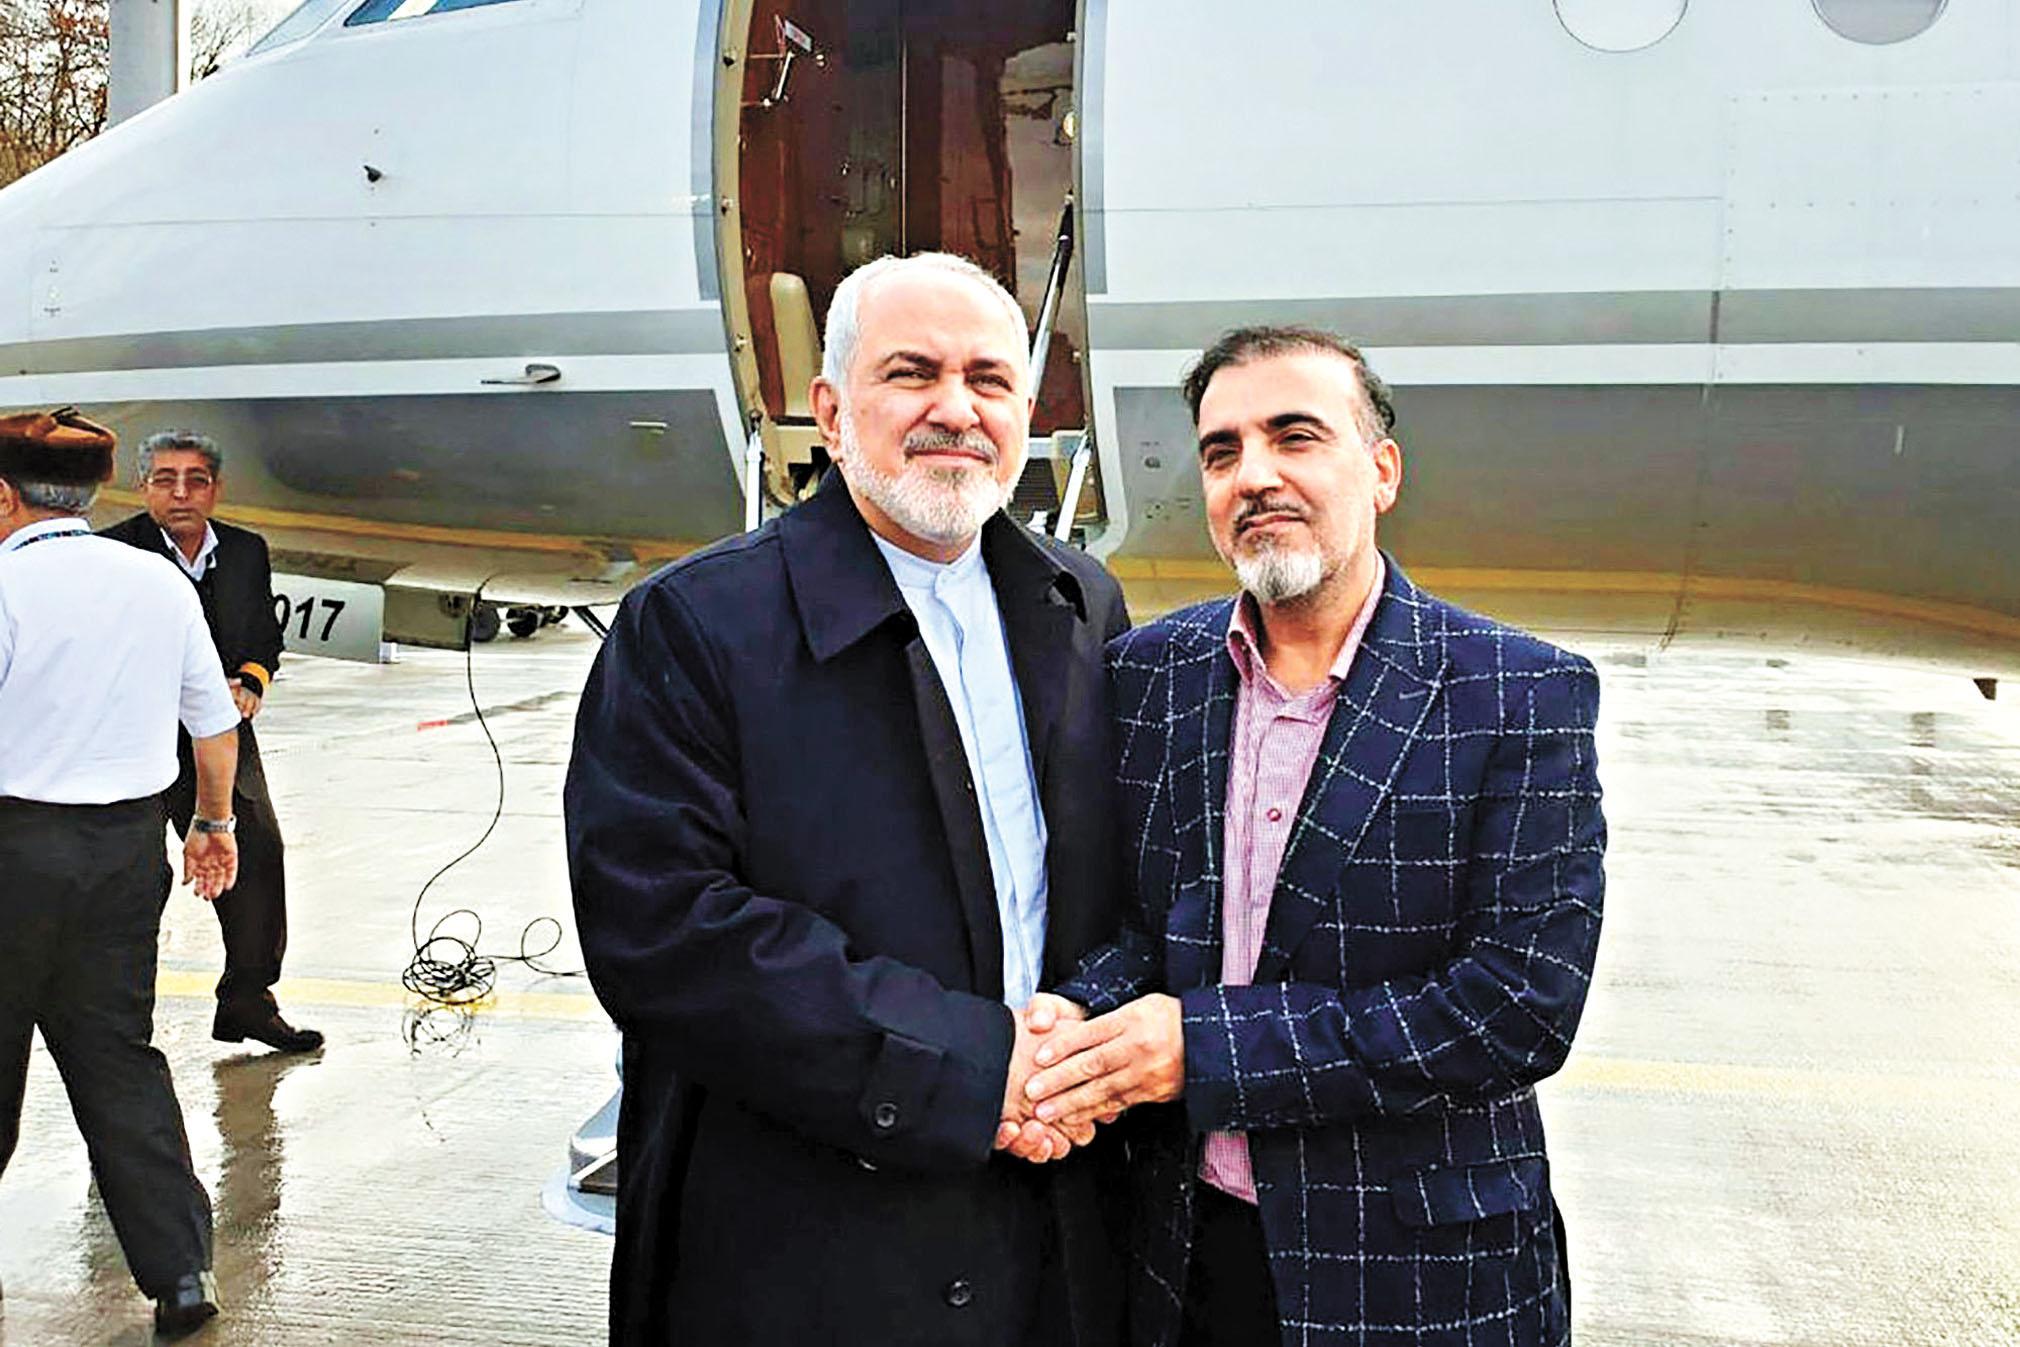 伊朗外長扎里夫(左)在推特上發布了自己與蘇萊曼尼的合照。法新社